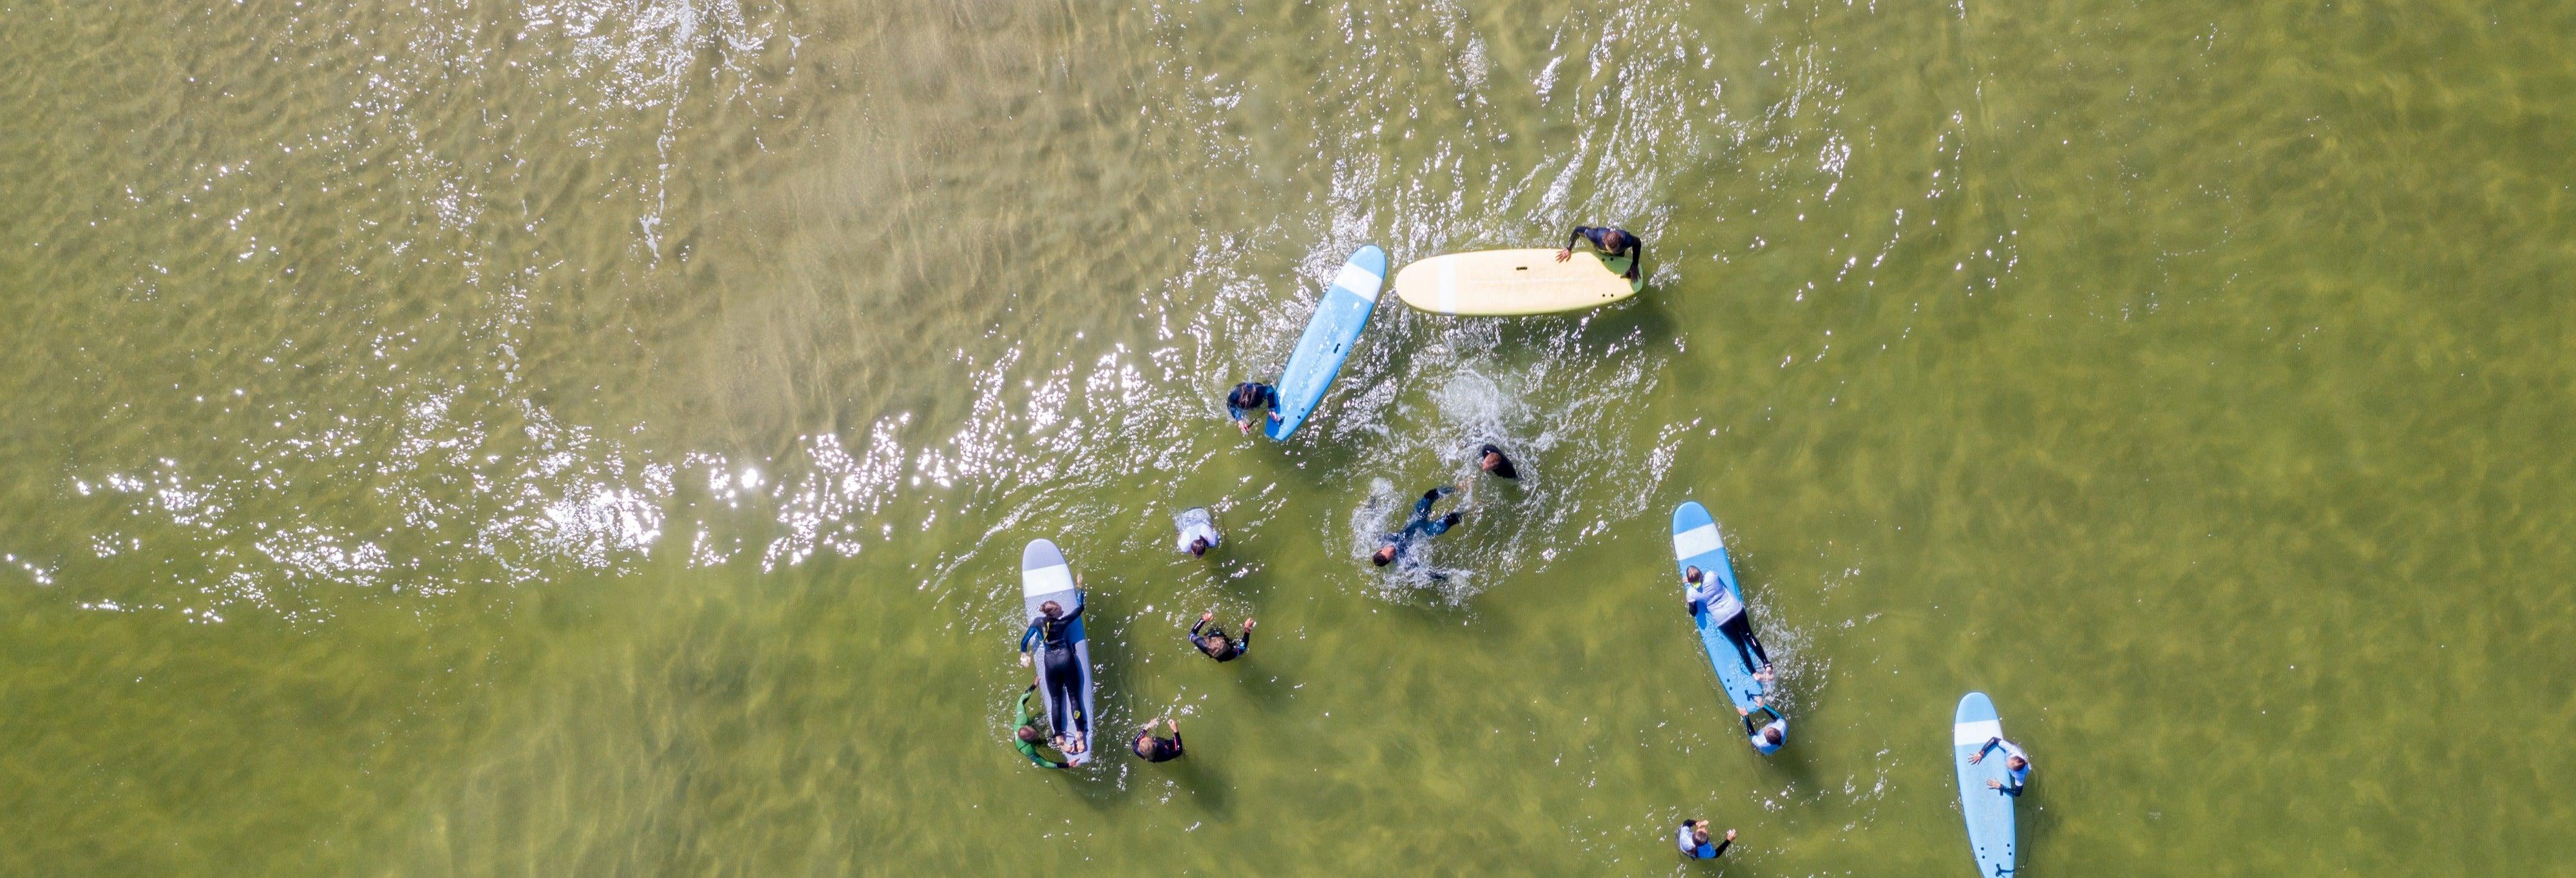 Curso de surfe em Vila Nova de Milfontes